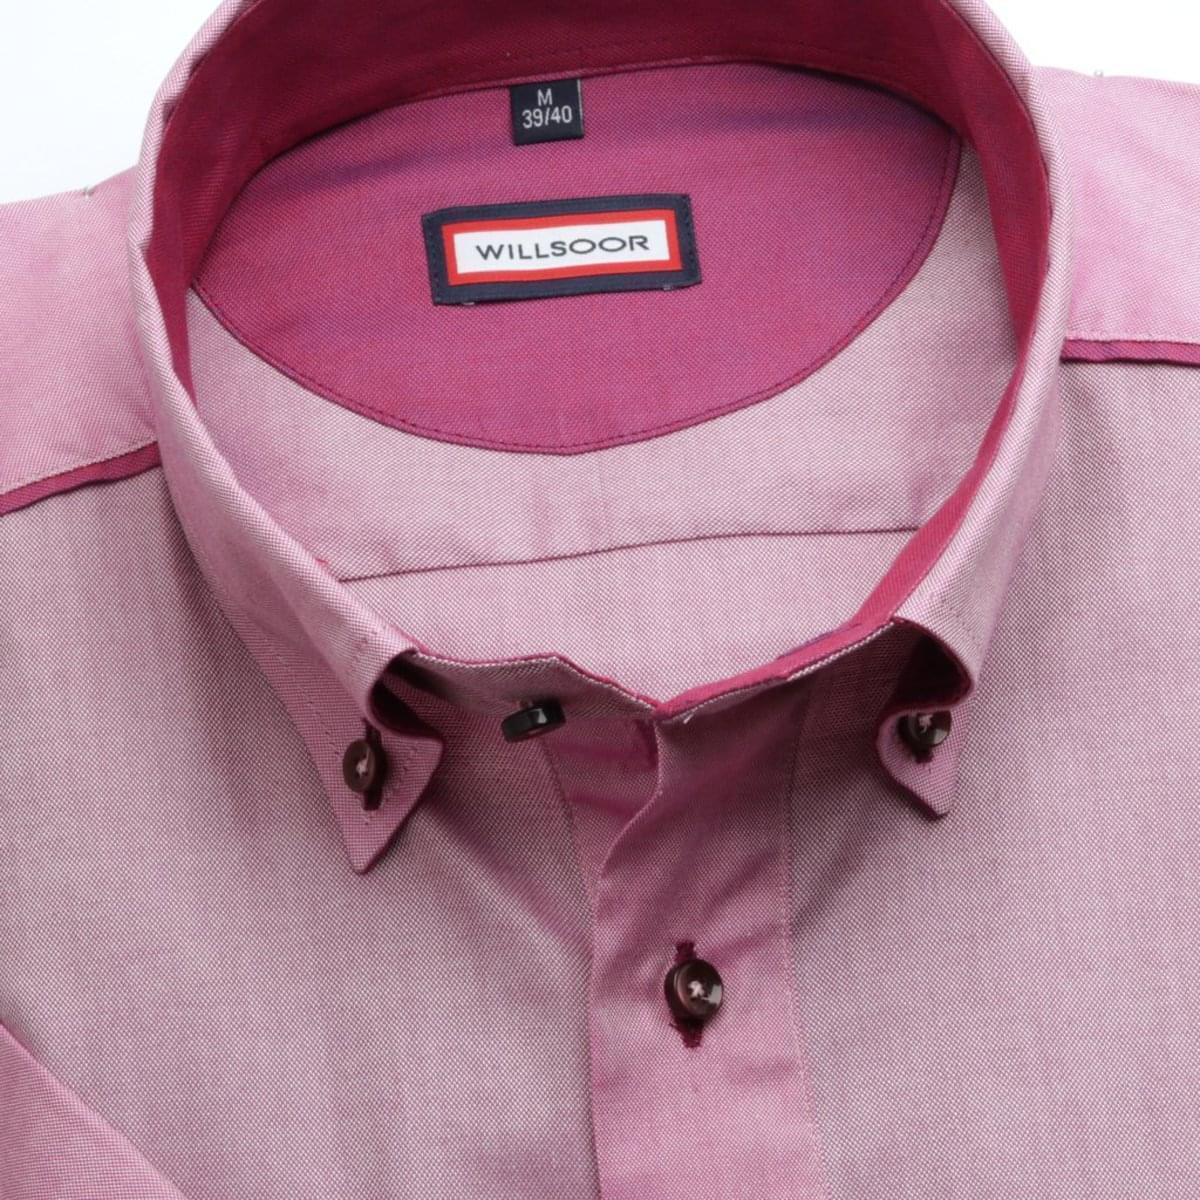 Pánska klasická košeľa (výška 176-182) 6630 vo fialkovej farbe s krátkym rukávom 176-182 / L (41/42)